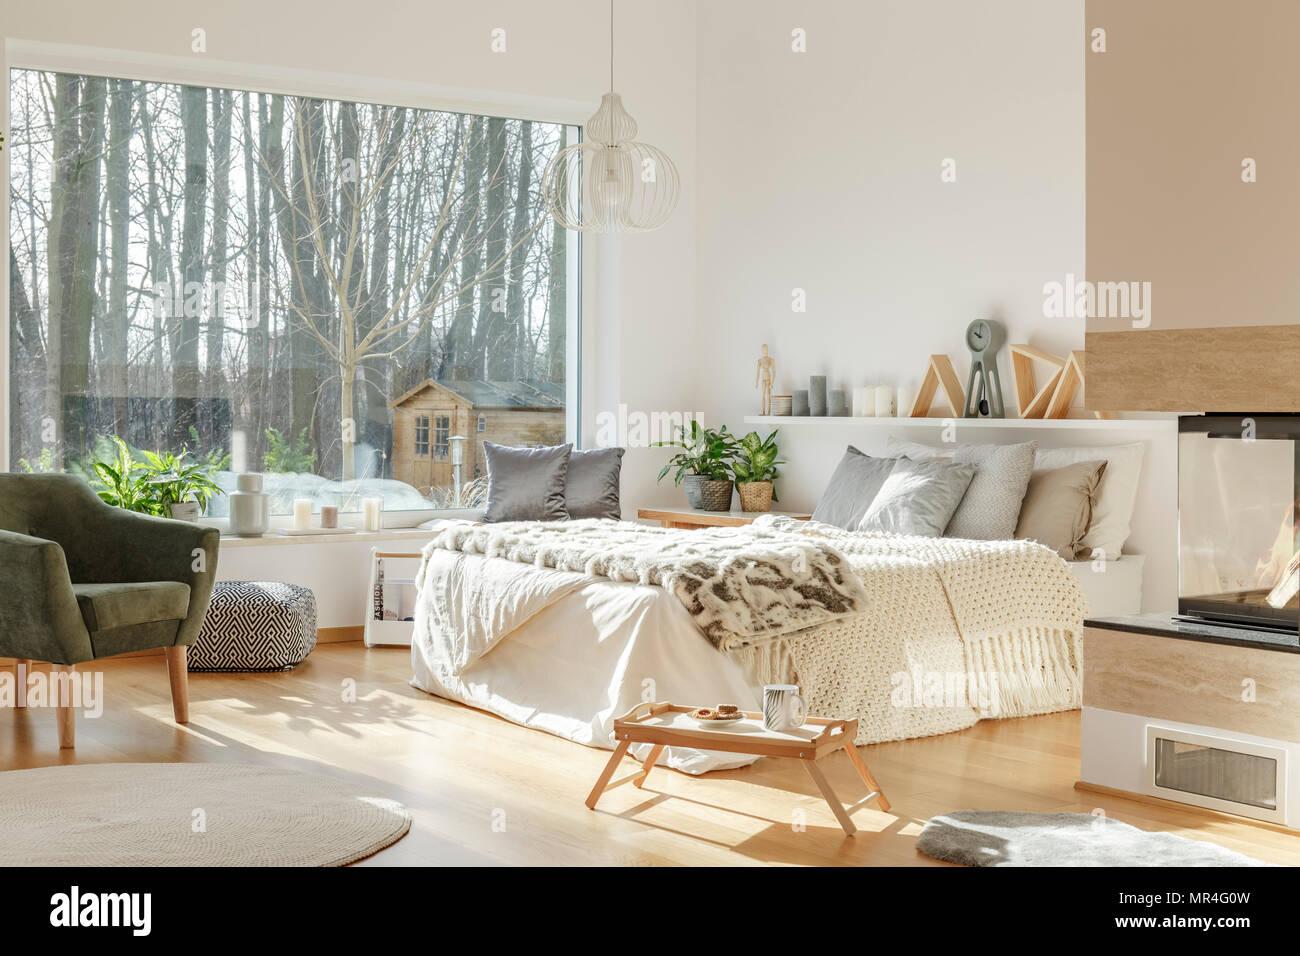 Grau Sessel neben einem weißen Bett mit Fell im Schlafzimmer ...